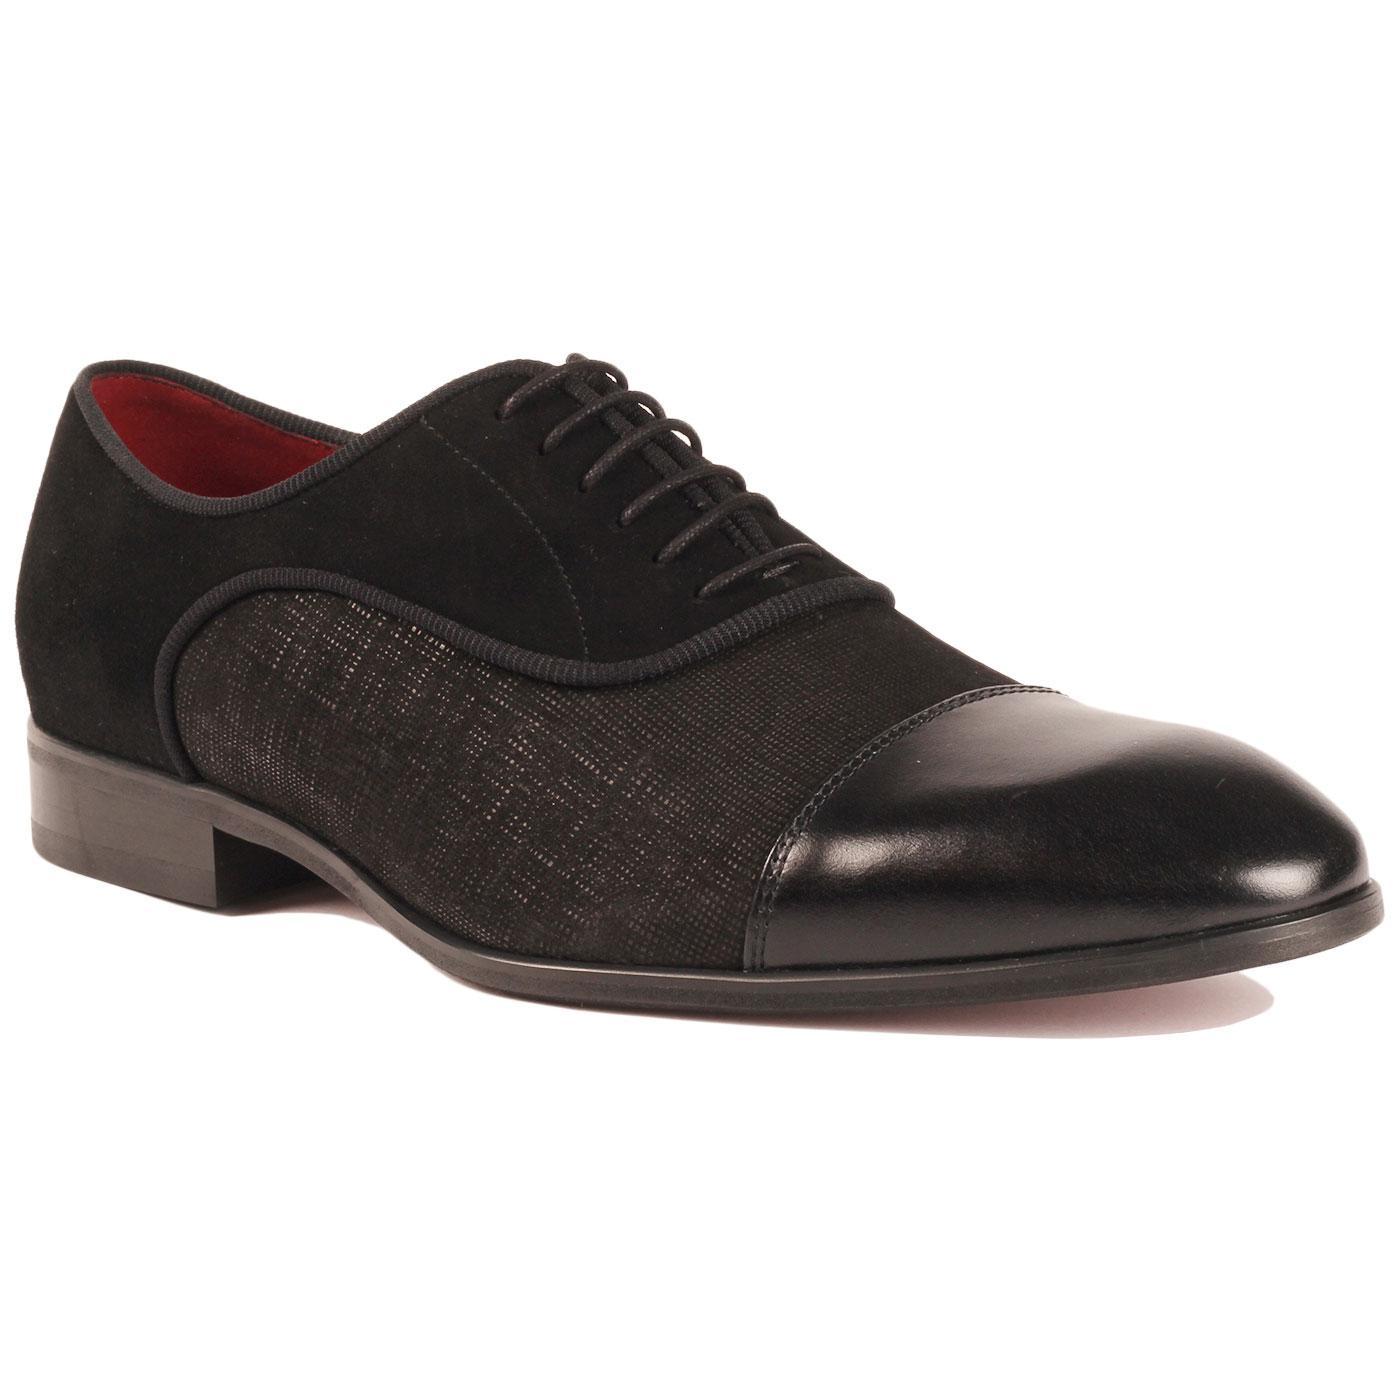 LACUZZO Men's Mod Textured Toe Cap Dress Shoes